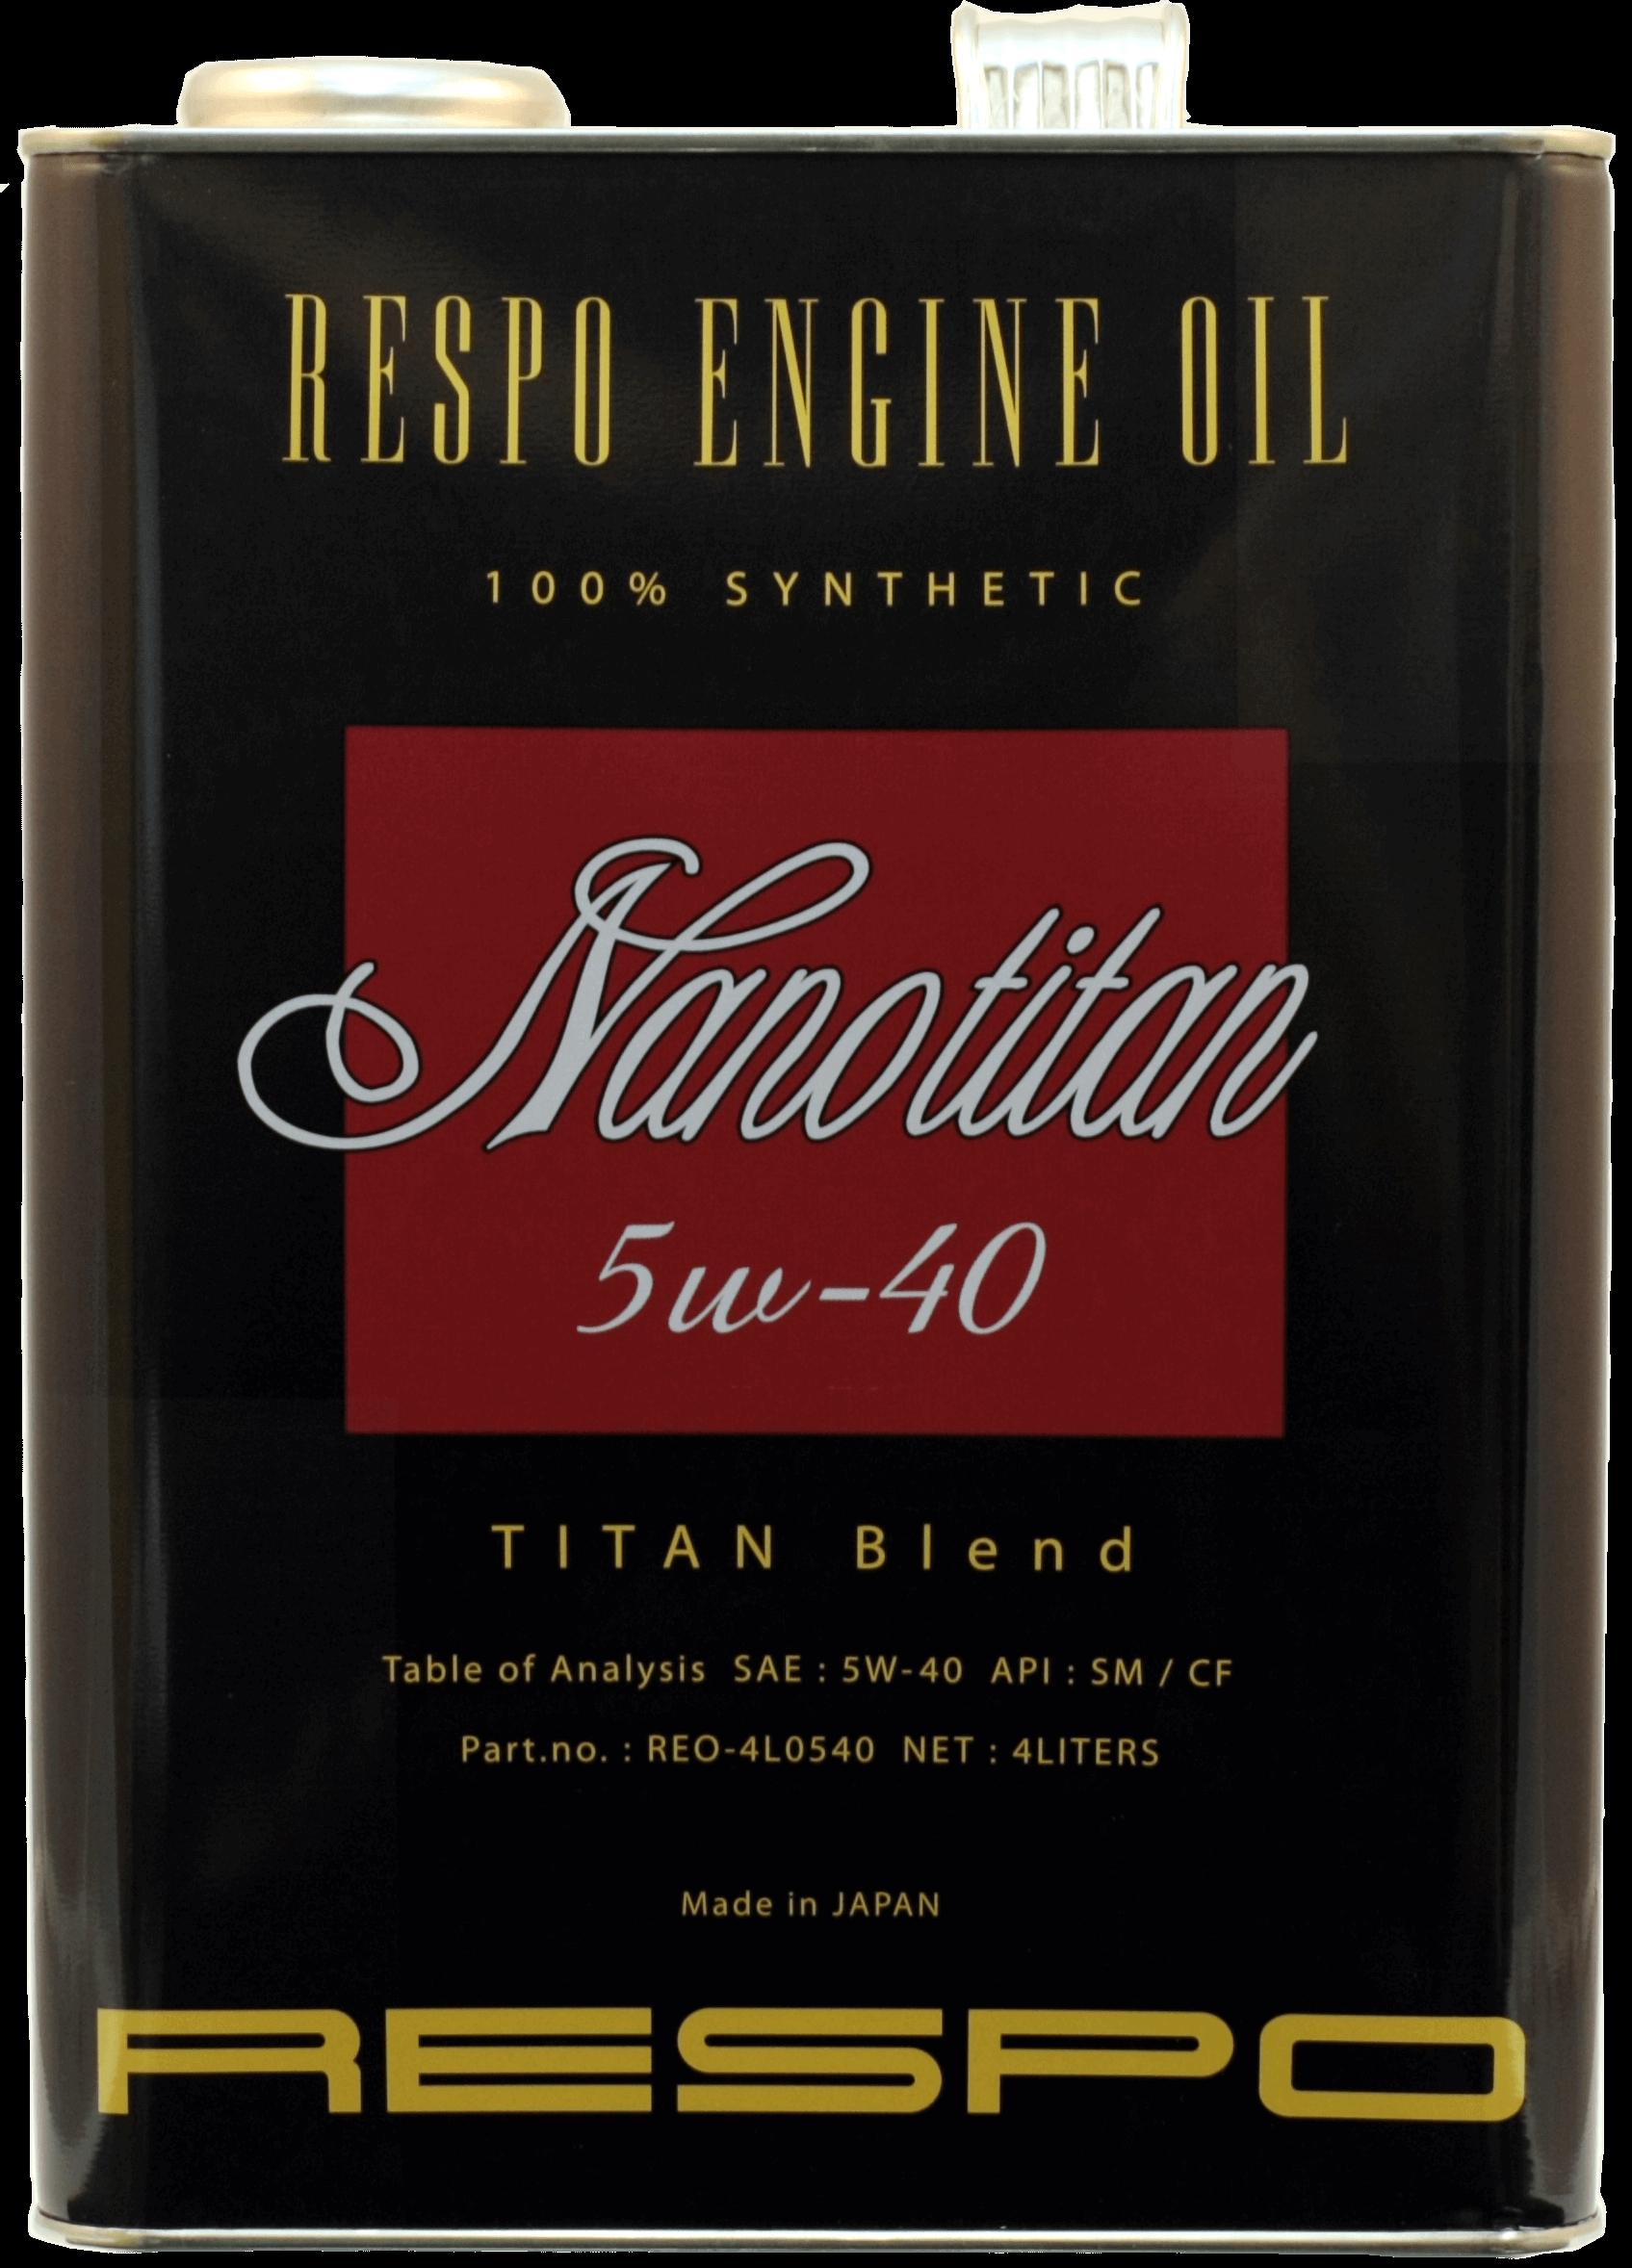 ナノチタン 5w-40